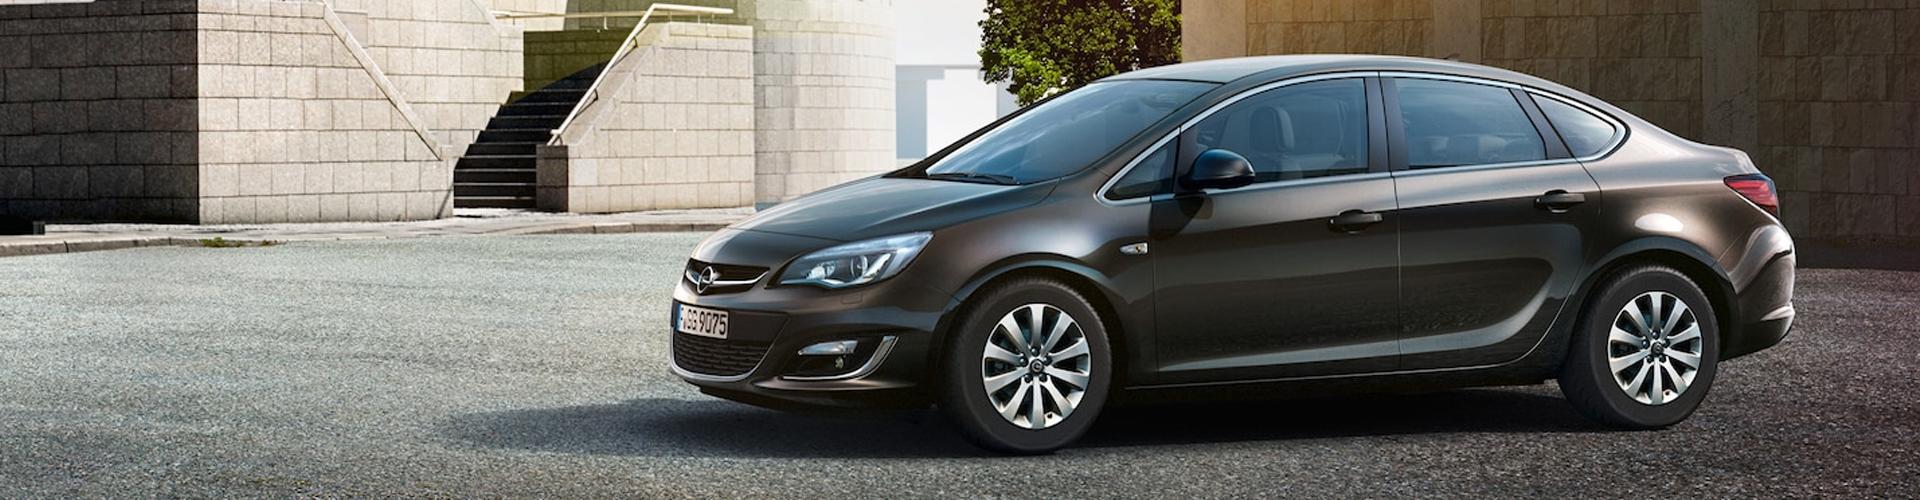 Opel Periyodik Bakim Fiyatlari 2021 - Car Wallpaper